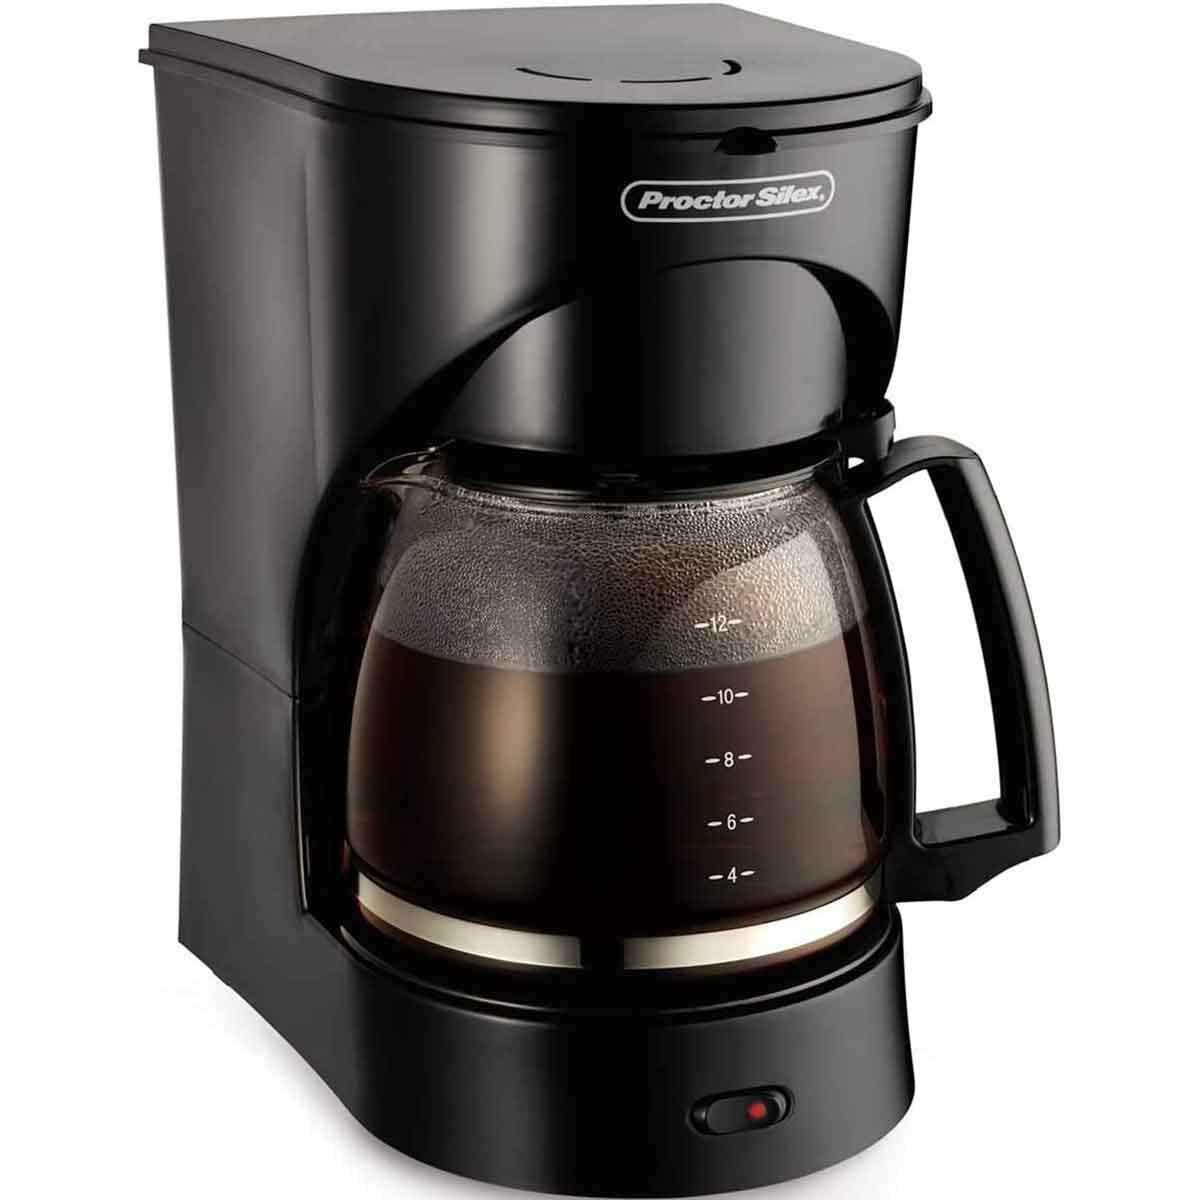 Cafetera Proctor Silex 43502 Regalía